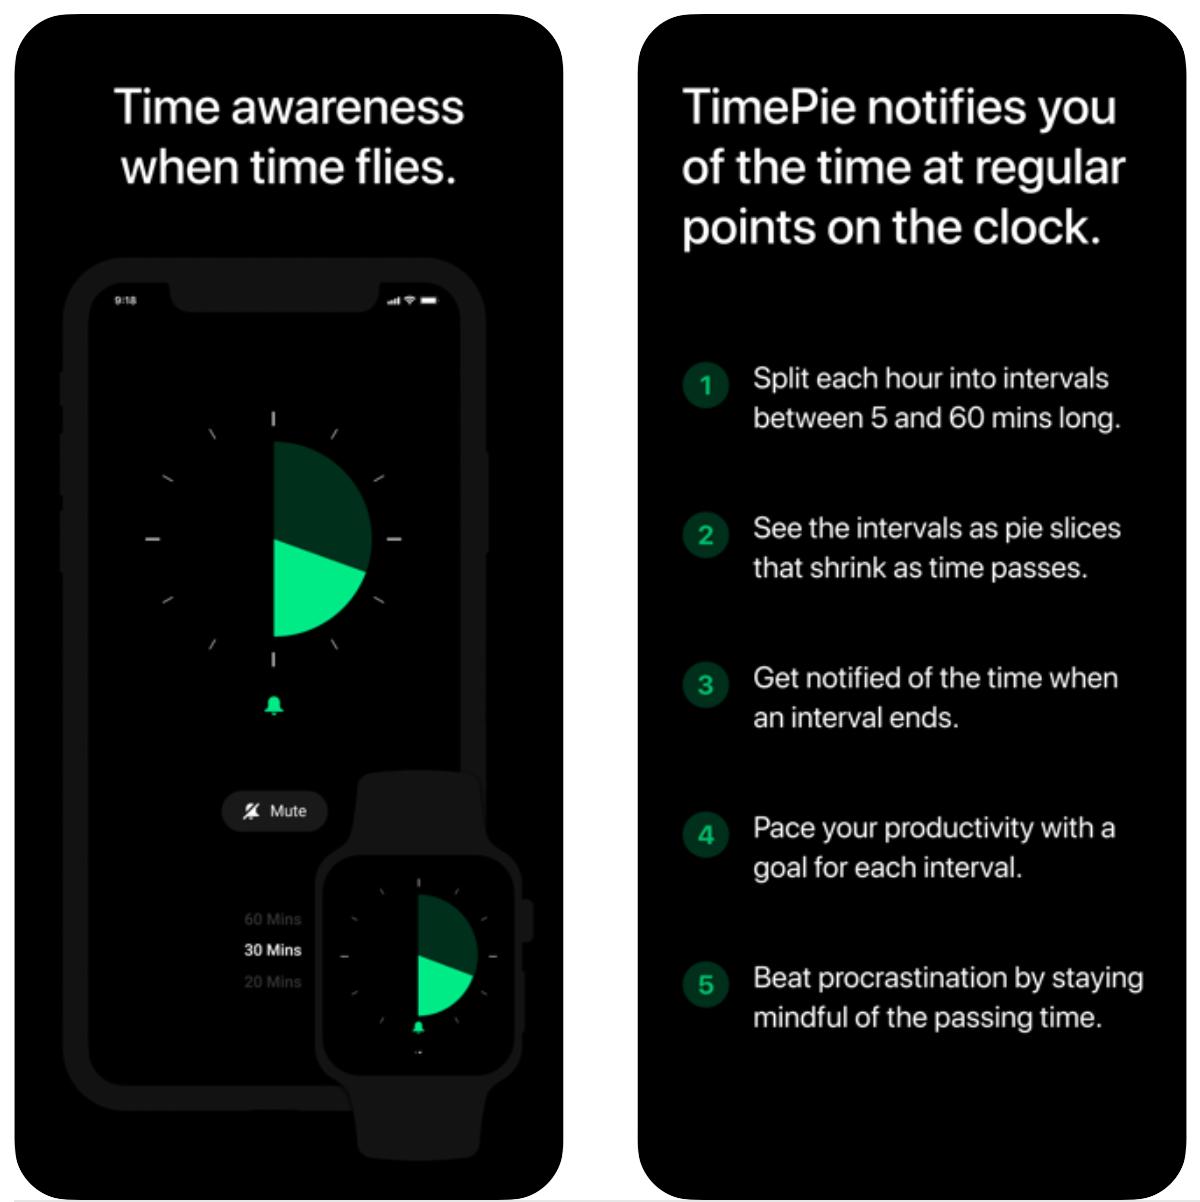 Uutta Netflix-, TimePie-, Artifit- ja muissa sovelluksissa kokeilemaan tänä viikonloppuna 2